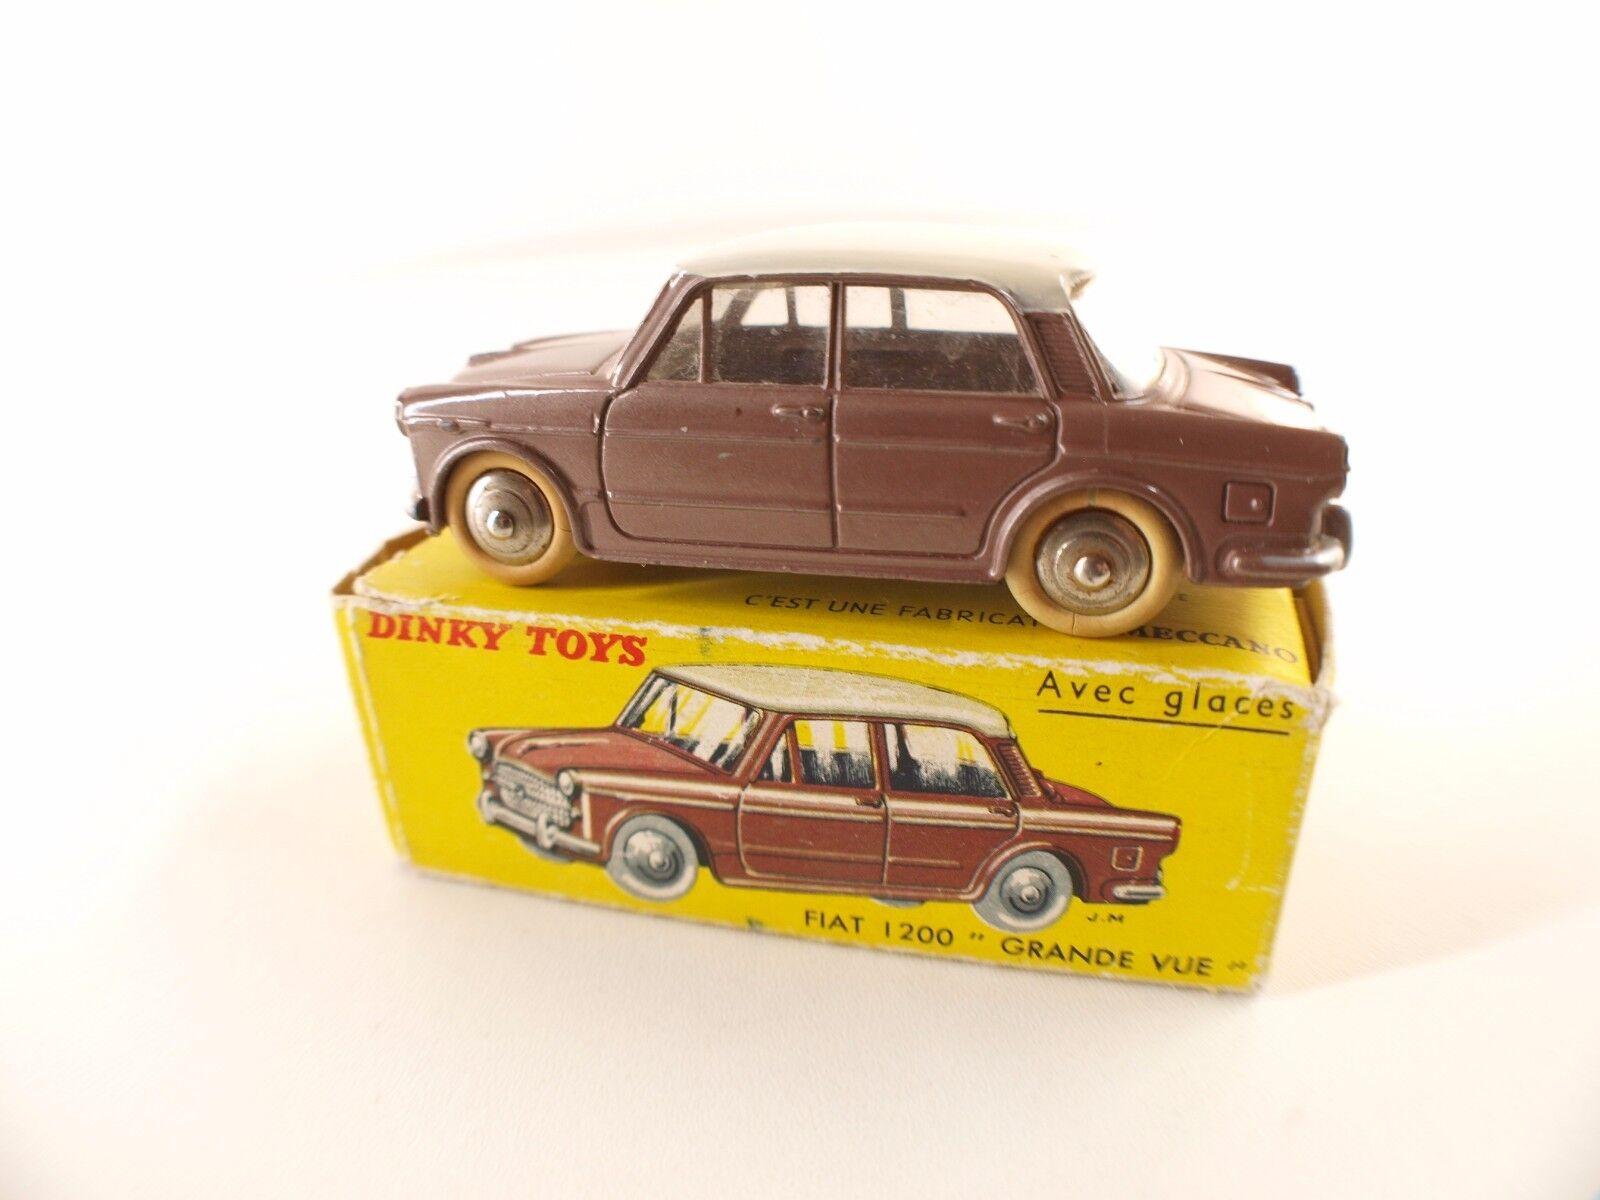 Dinky Toys F 531 Fiat 1200 Grande Vue en boîte 1 43